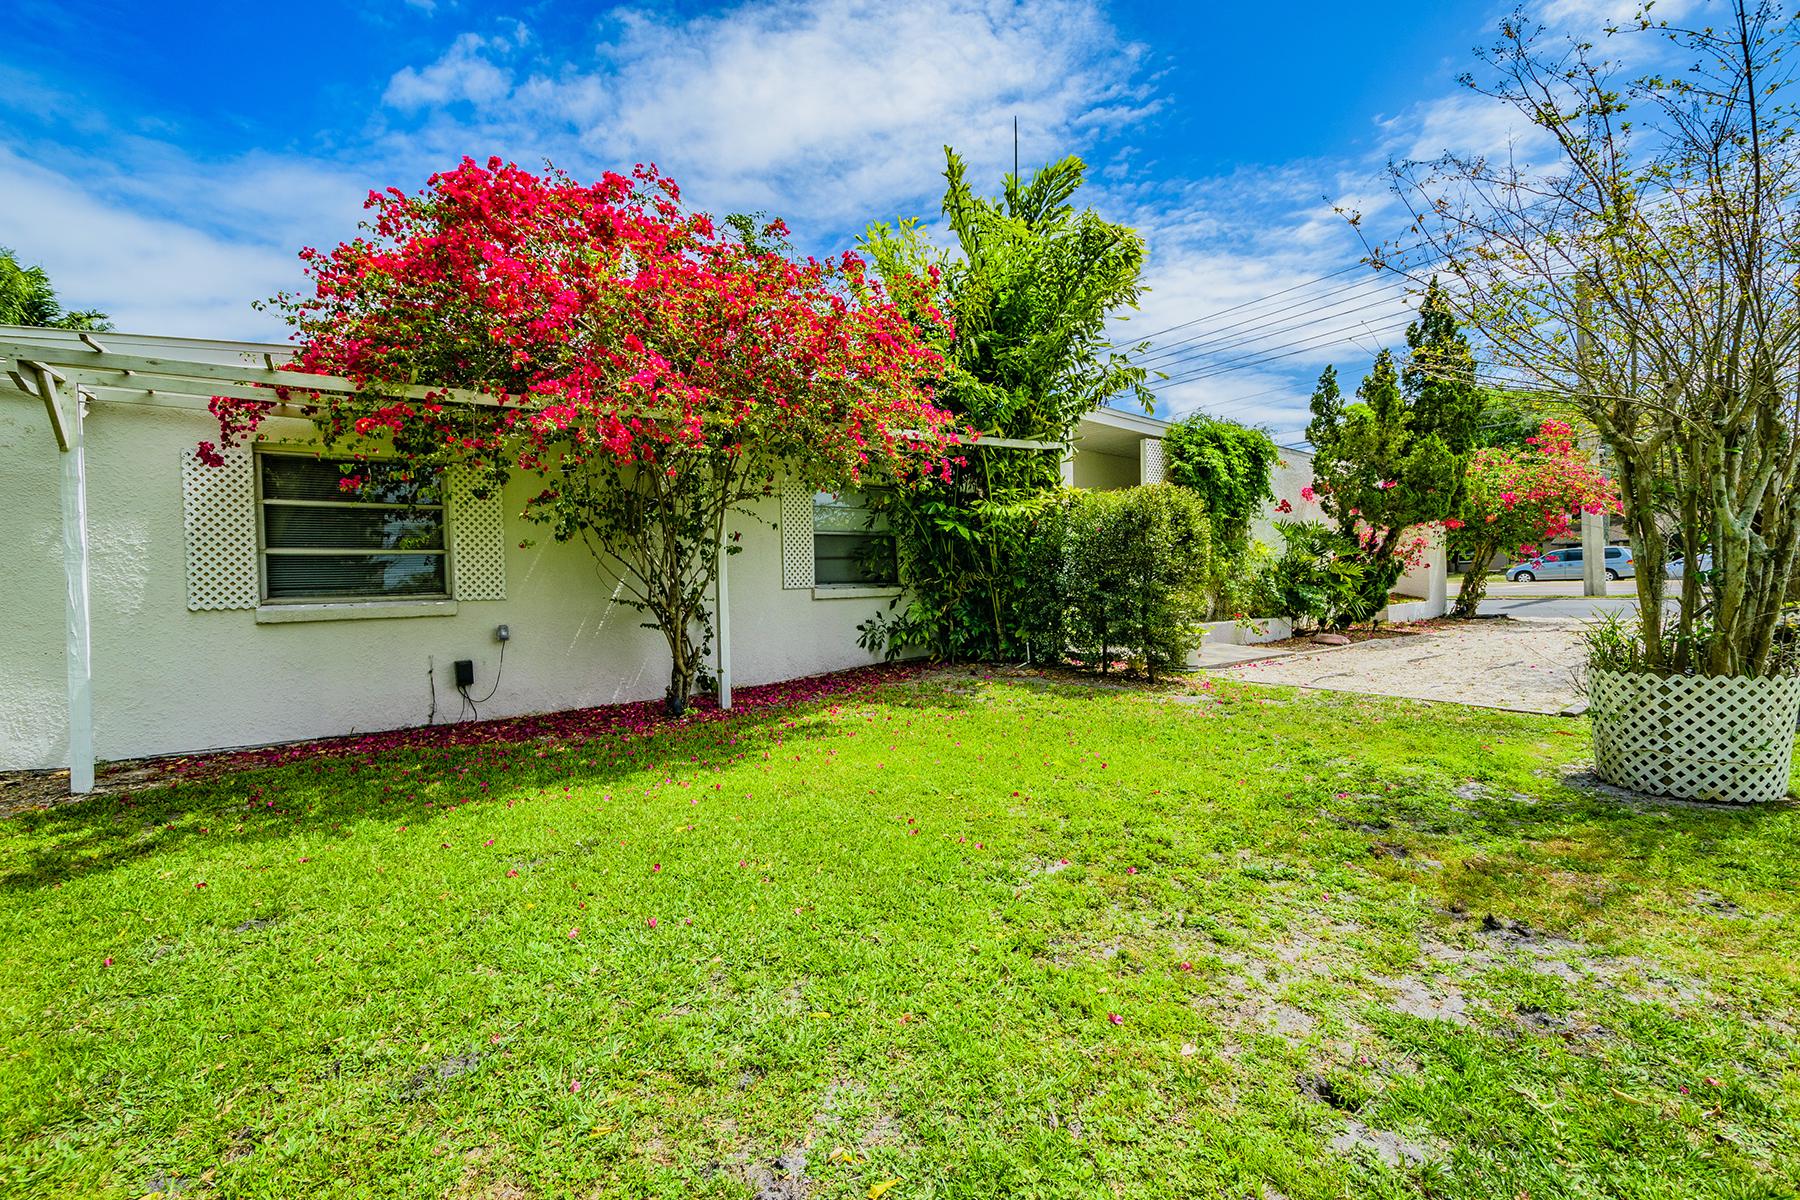 Einfamilienhaus für Verkauf beim 504 Balfour Dr , Winter Park, FL 32792 504 Balfour Dr Winter Park, Florida, 32792 Vereinigte Staaten